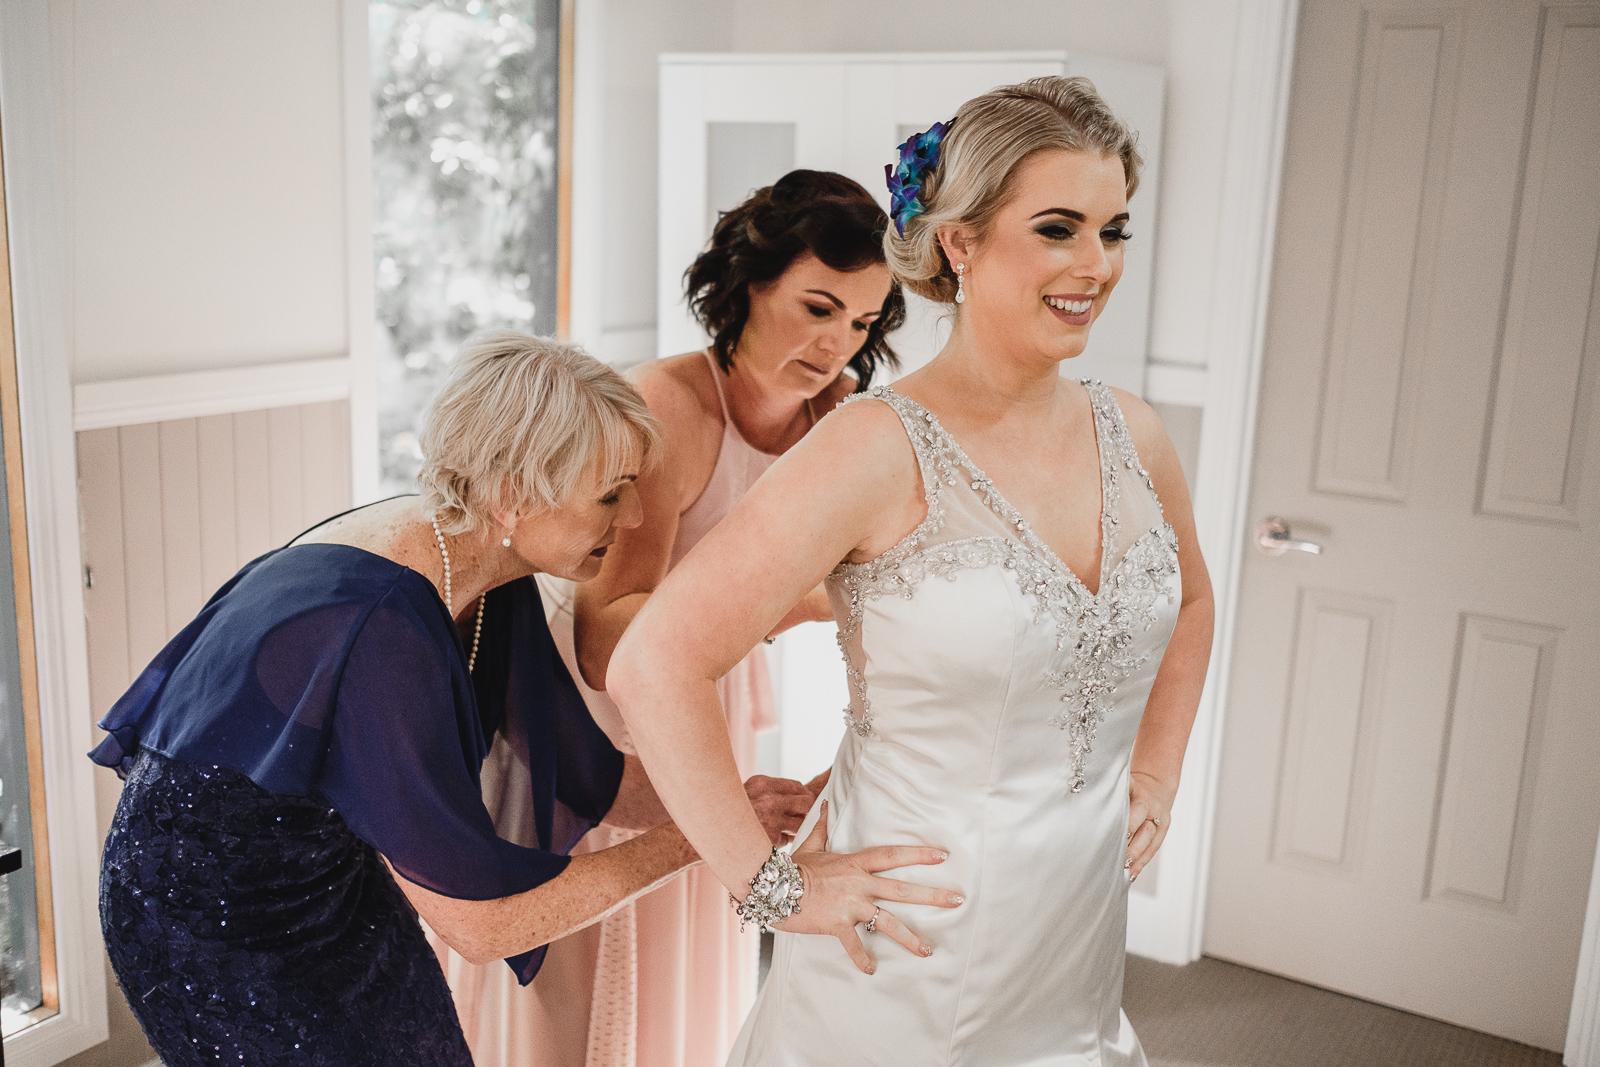 ArtAroundPhotos-jax_wedding-28.10.18-29.jpg